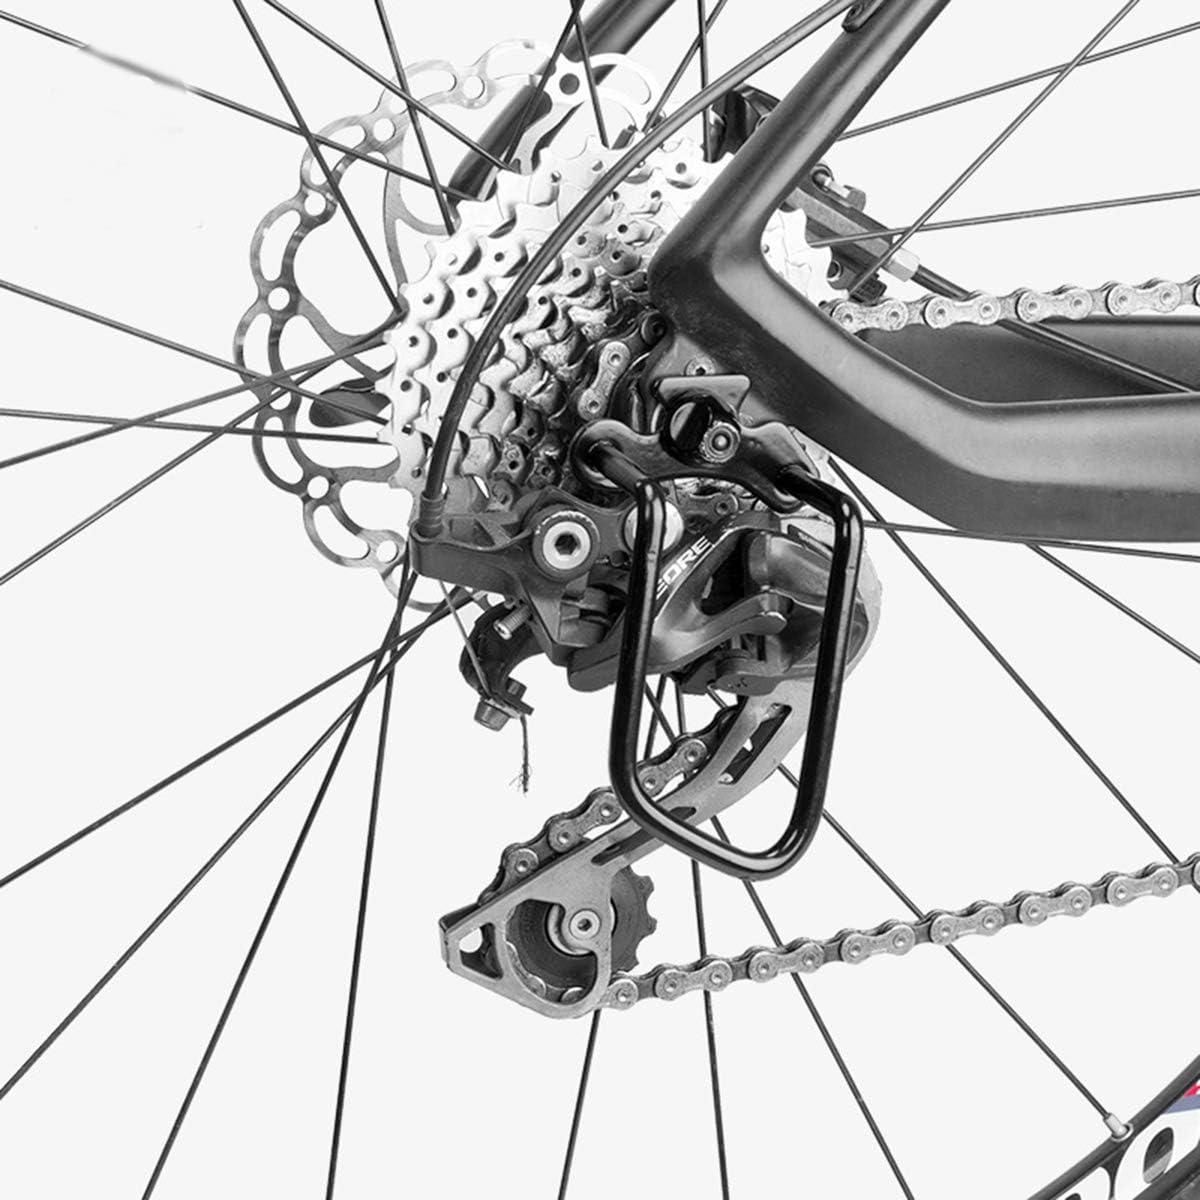 Faltr/äde Schwarz dancepandas Schaltwerk Schutz 6PCS Fahrrad Schutzb/ügel Schaltwerk Schutzb/ügel f/ür Fahrrad Mountainbikes Rennr/äder